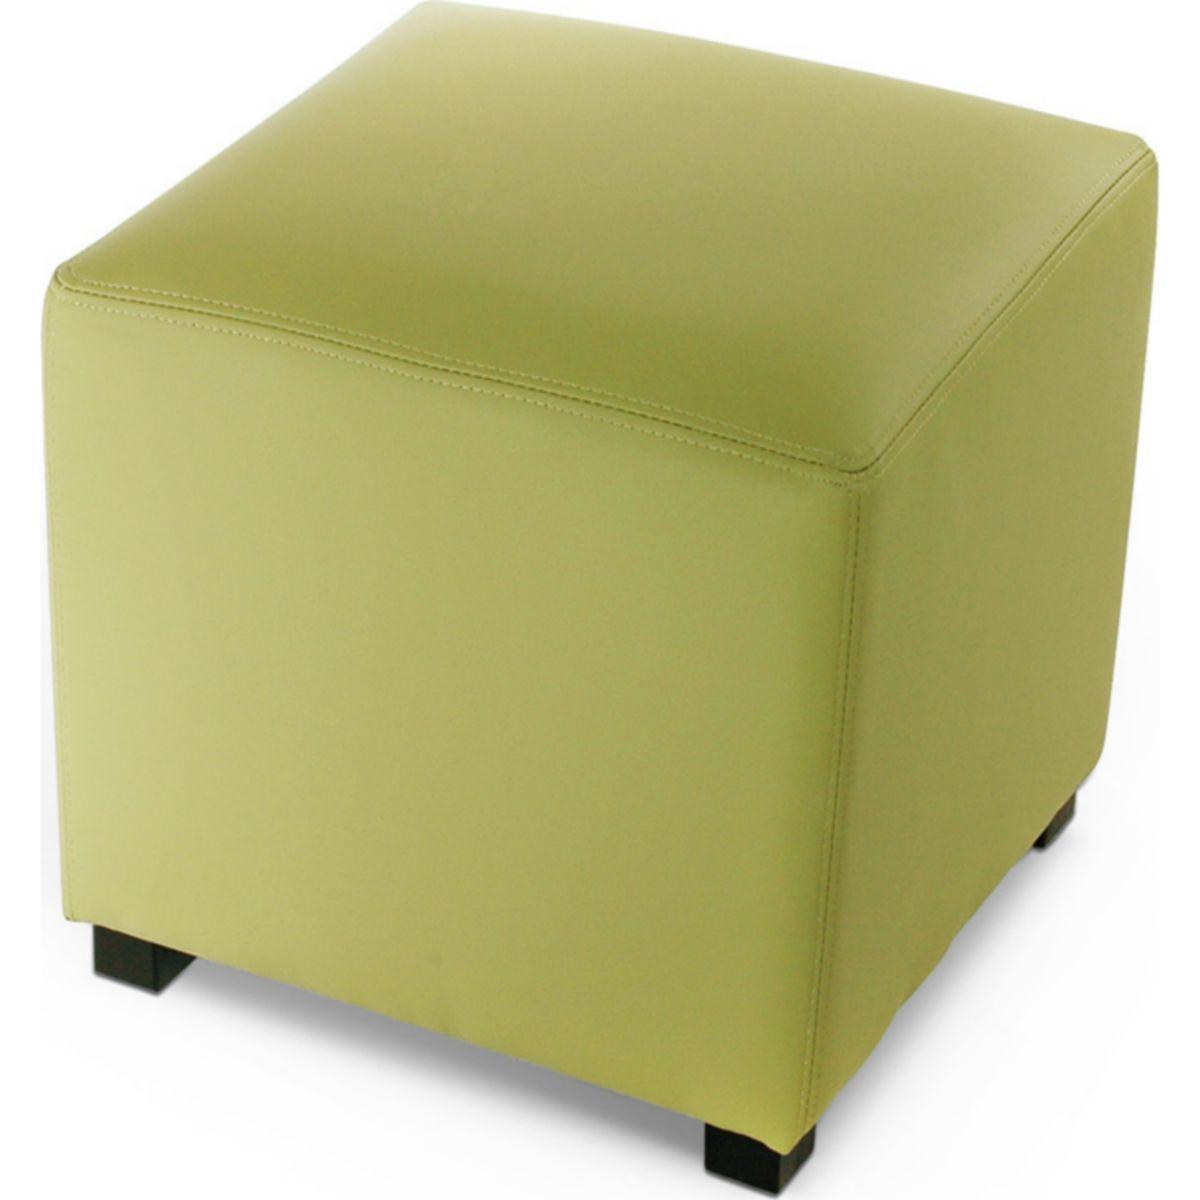 Cats Collection Hocker Sitzwürfel Lederimitat lemon grün jetztbilligerkaufen